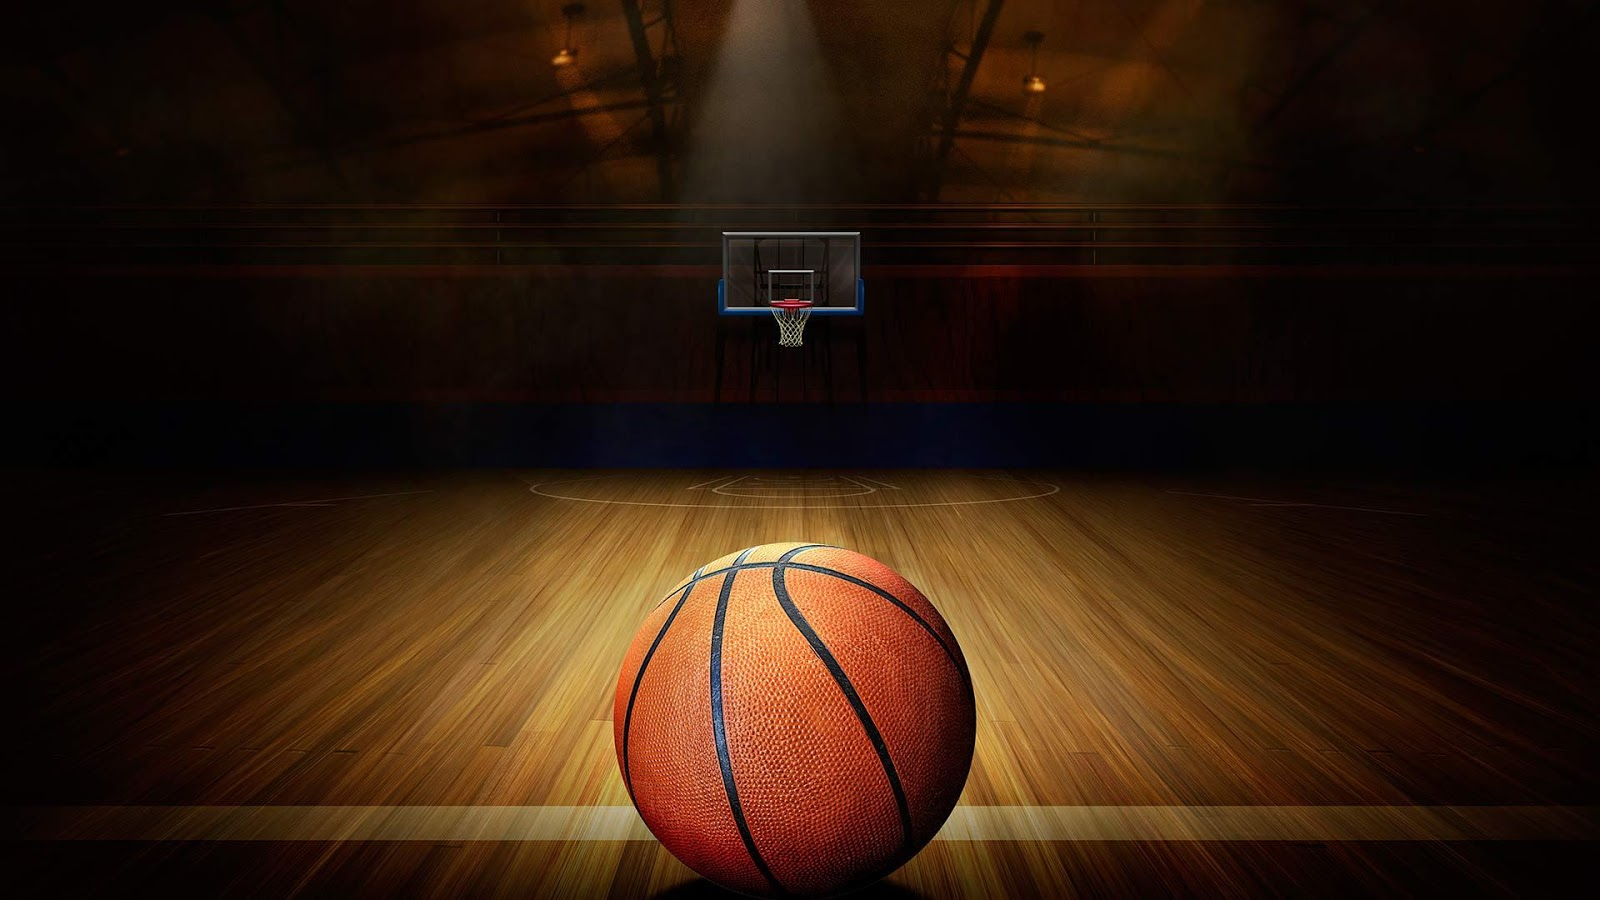 Cool Basketball Wallpaper 6781135 1600x900